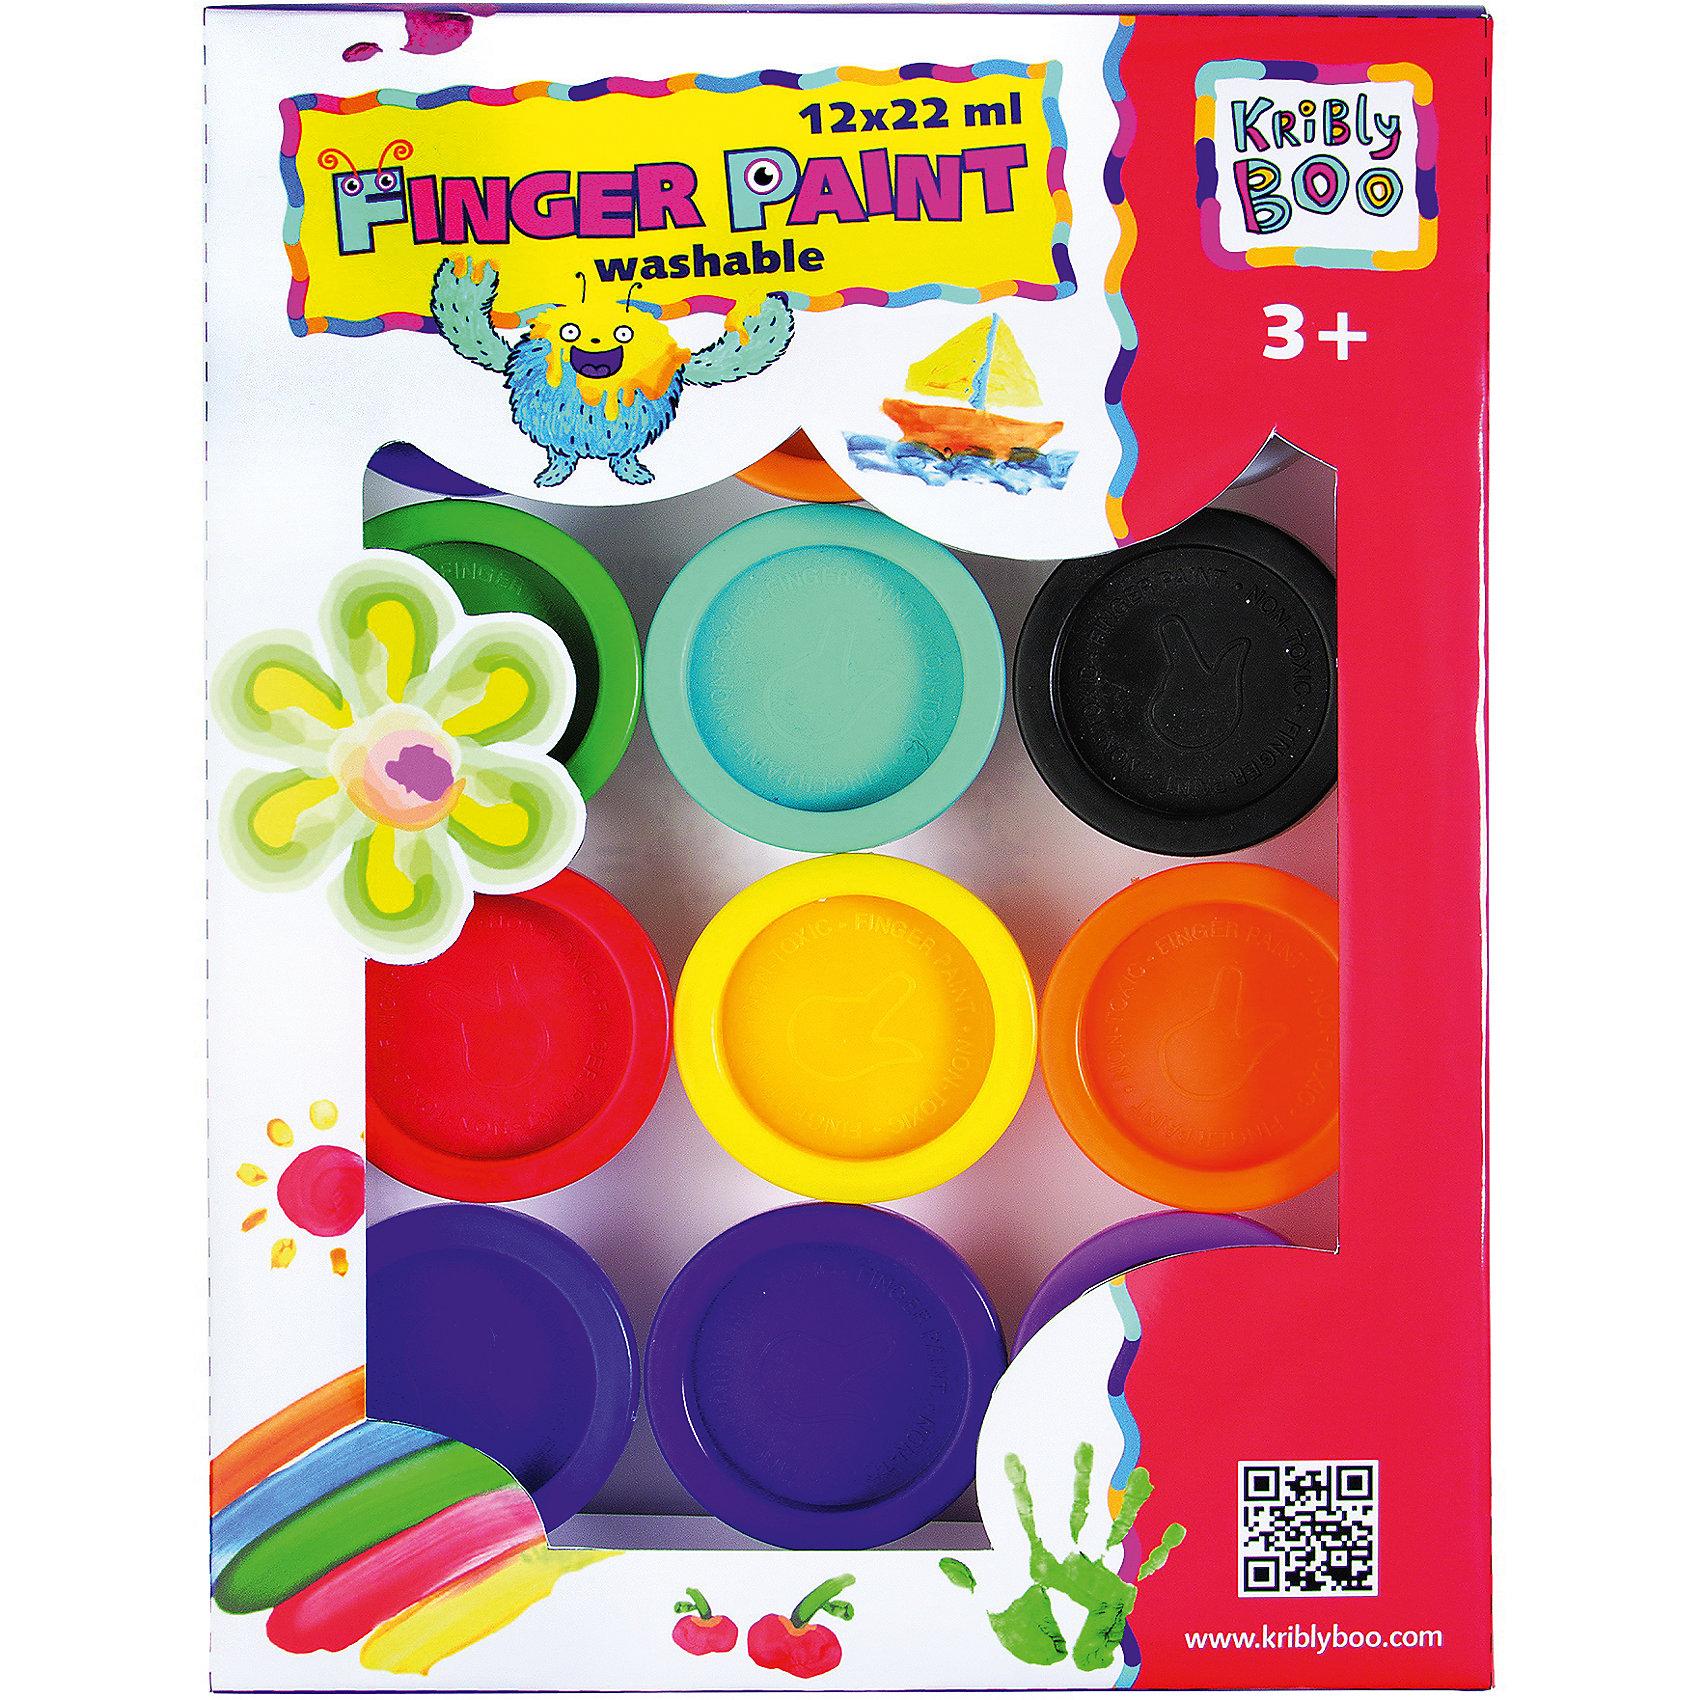 Пальчиковые краски, 12 цветовТворчество для малышей<br>Характеристики товара:<br><br>• цвет: разноцветный<br>• размер упаковки: 24х18х3 см<br>• вес: 500 г<br>• комплектация: 12 баночек<br>• объем 1 баночки: 22 мл<br>• возраст: от трех лет<br>• упаковка: блистер<br>• страна бренда: Финляндия<br>• страна изготовитель: Китай<br><br>Творчество - это увлекательно и полезно! Такой набор станет отличным подарком ребенку - ведь с помощью пальчиковых красок рисовать удобно и весело! В набор входят три баночки с красками разных цветов. Рисовать ими очень легко и получается даже у самых маленьких.<br>Детям очень нравится что-то делать своими руками! Кроме того, творчество помогает детям развивать важные навыки и способности, оно активизирует мышление, формирует усидчивость, творческие способности, мелкую моторику и воображение. Изделие производится из качественных и проверенных материалов, которые безопасны для детей.<br><br>Пальчиковые краски 12х22 мл от бренда KriBly Boo можно купить в нашем интернет-магазине.<br><br>Ширина мм: 220<br>Глубина мм: 170<br>Высота мм: 40<br>Вес г: 526<br>Возраст от месяцев: 36<br>Возраст до месяцев: 2147483647<br>Пол: Унисекс<br>Возраст: Детский<br>SKU: 4563992